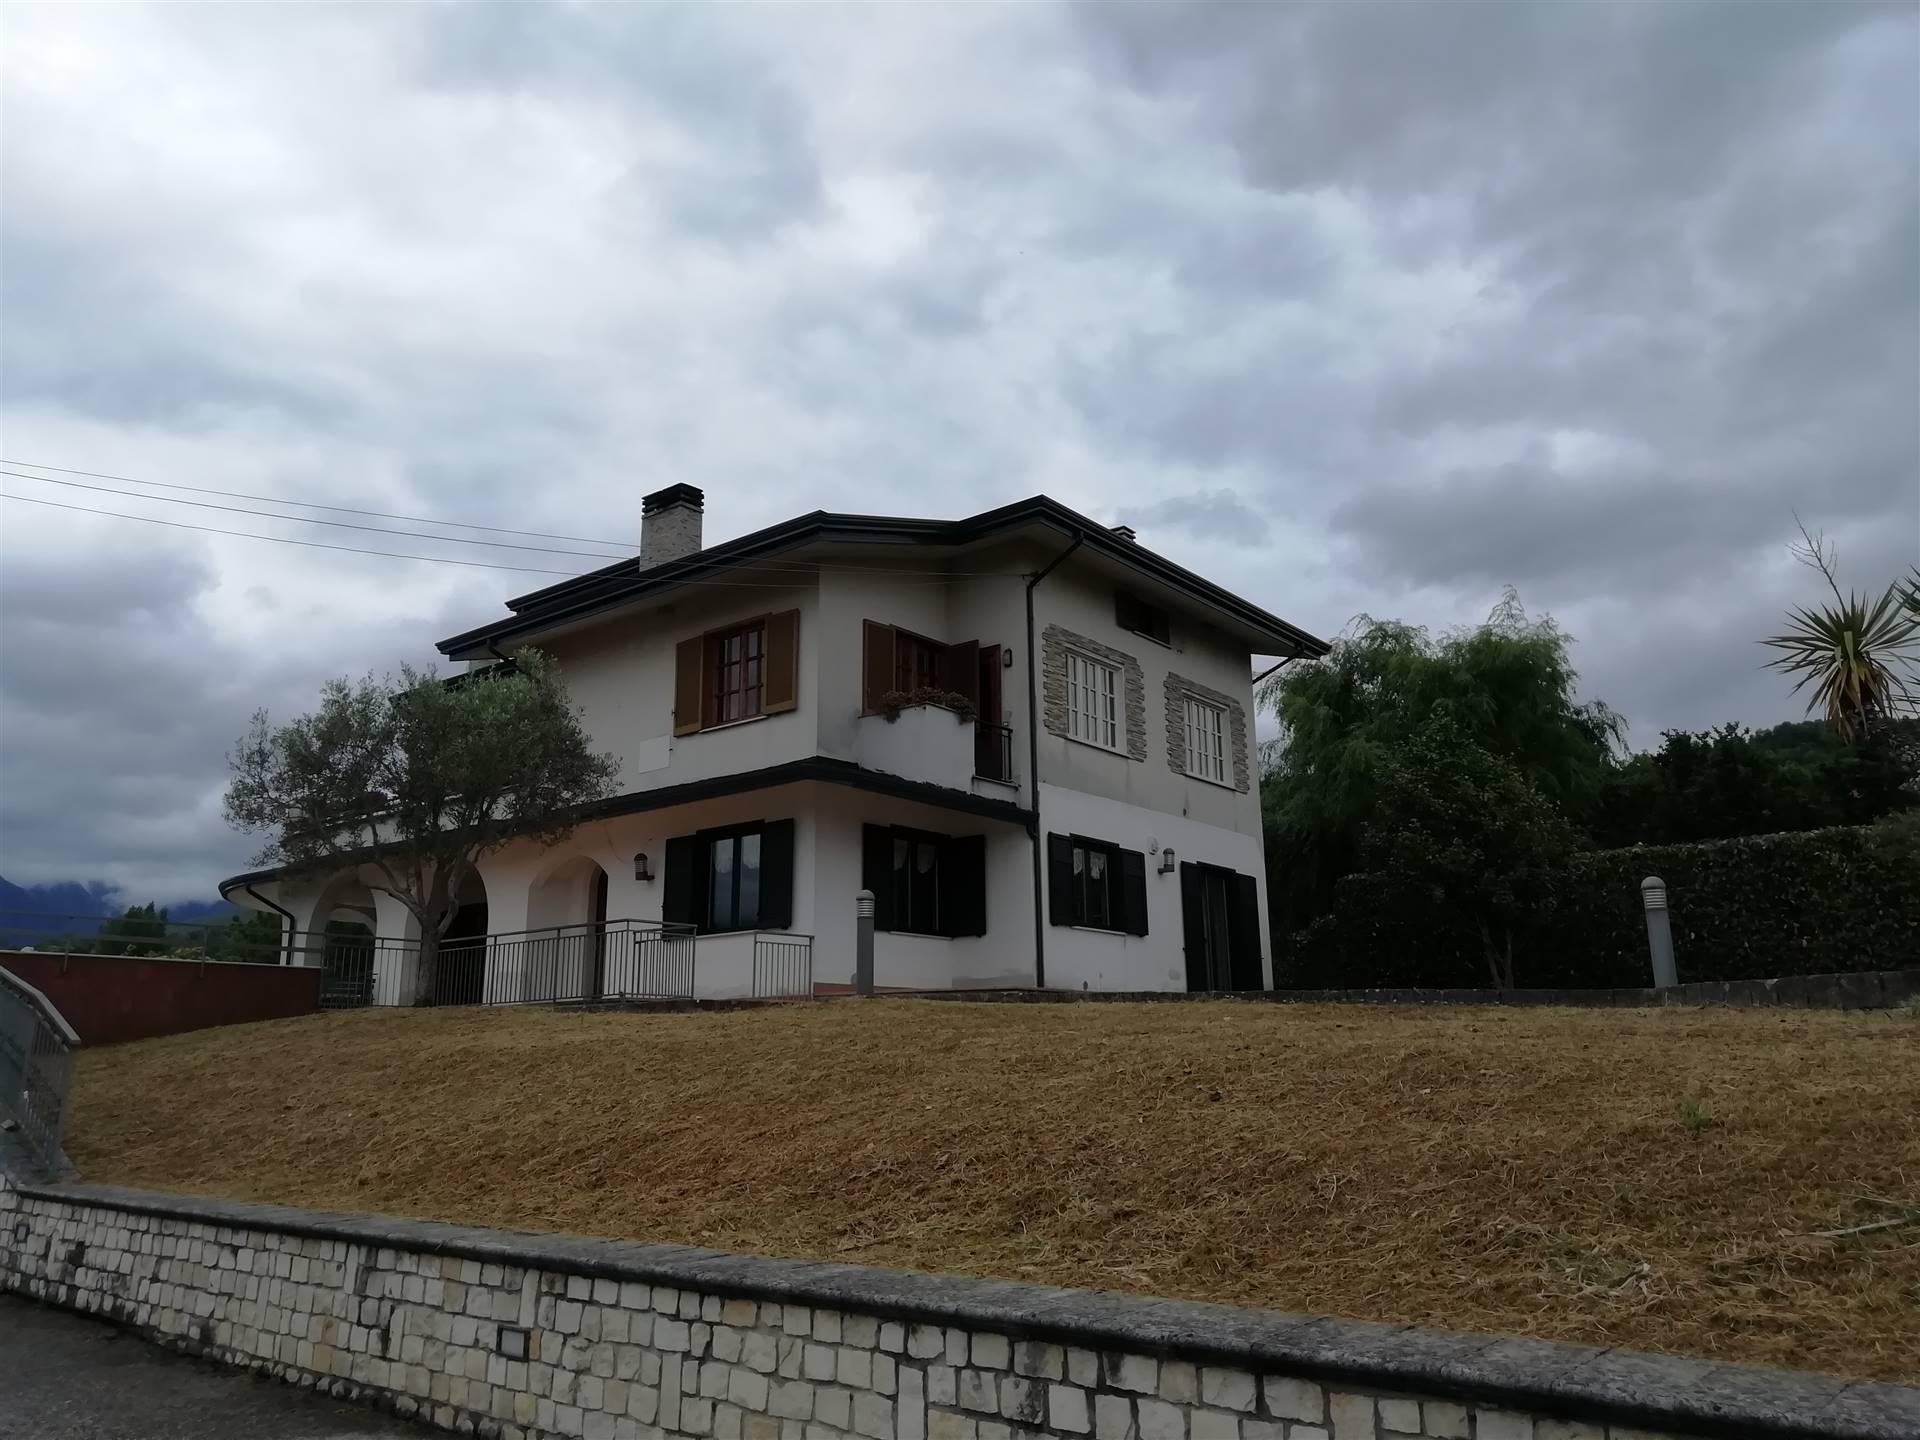 Villa in vendita a San Michele di Serino, 7 locali, zona Zona: Madonna delle Grazie, prezzo € 250.000 | CambioCasa.it